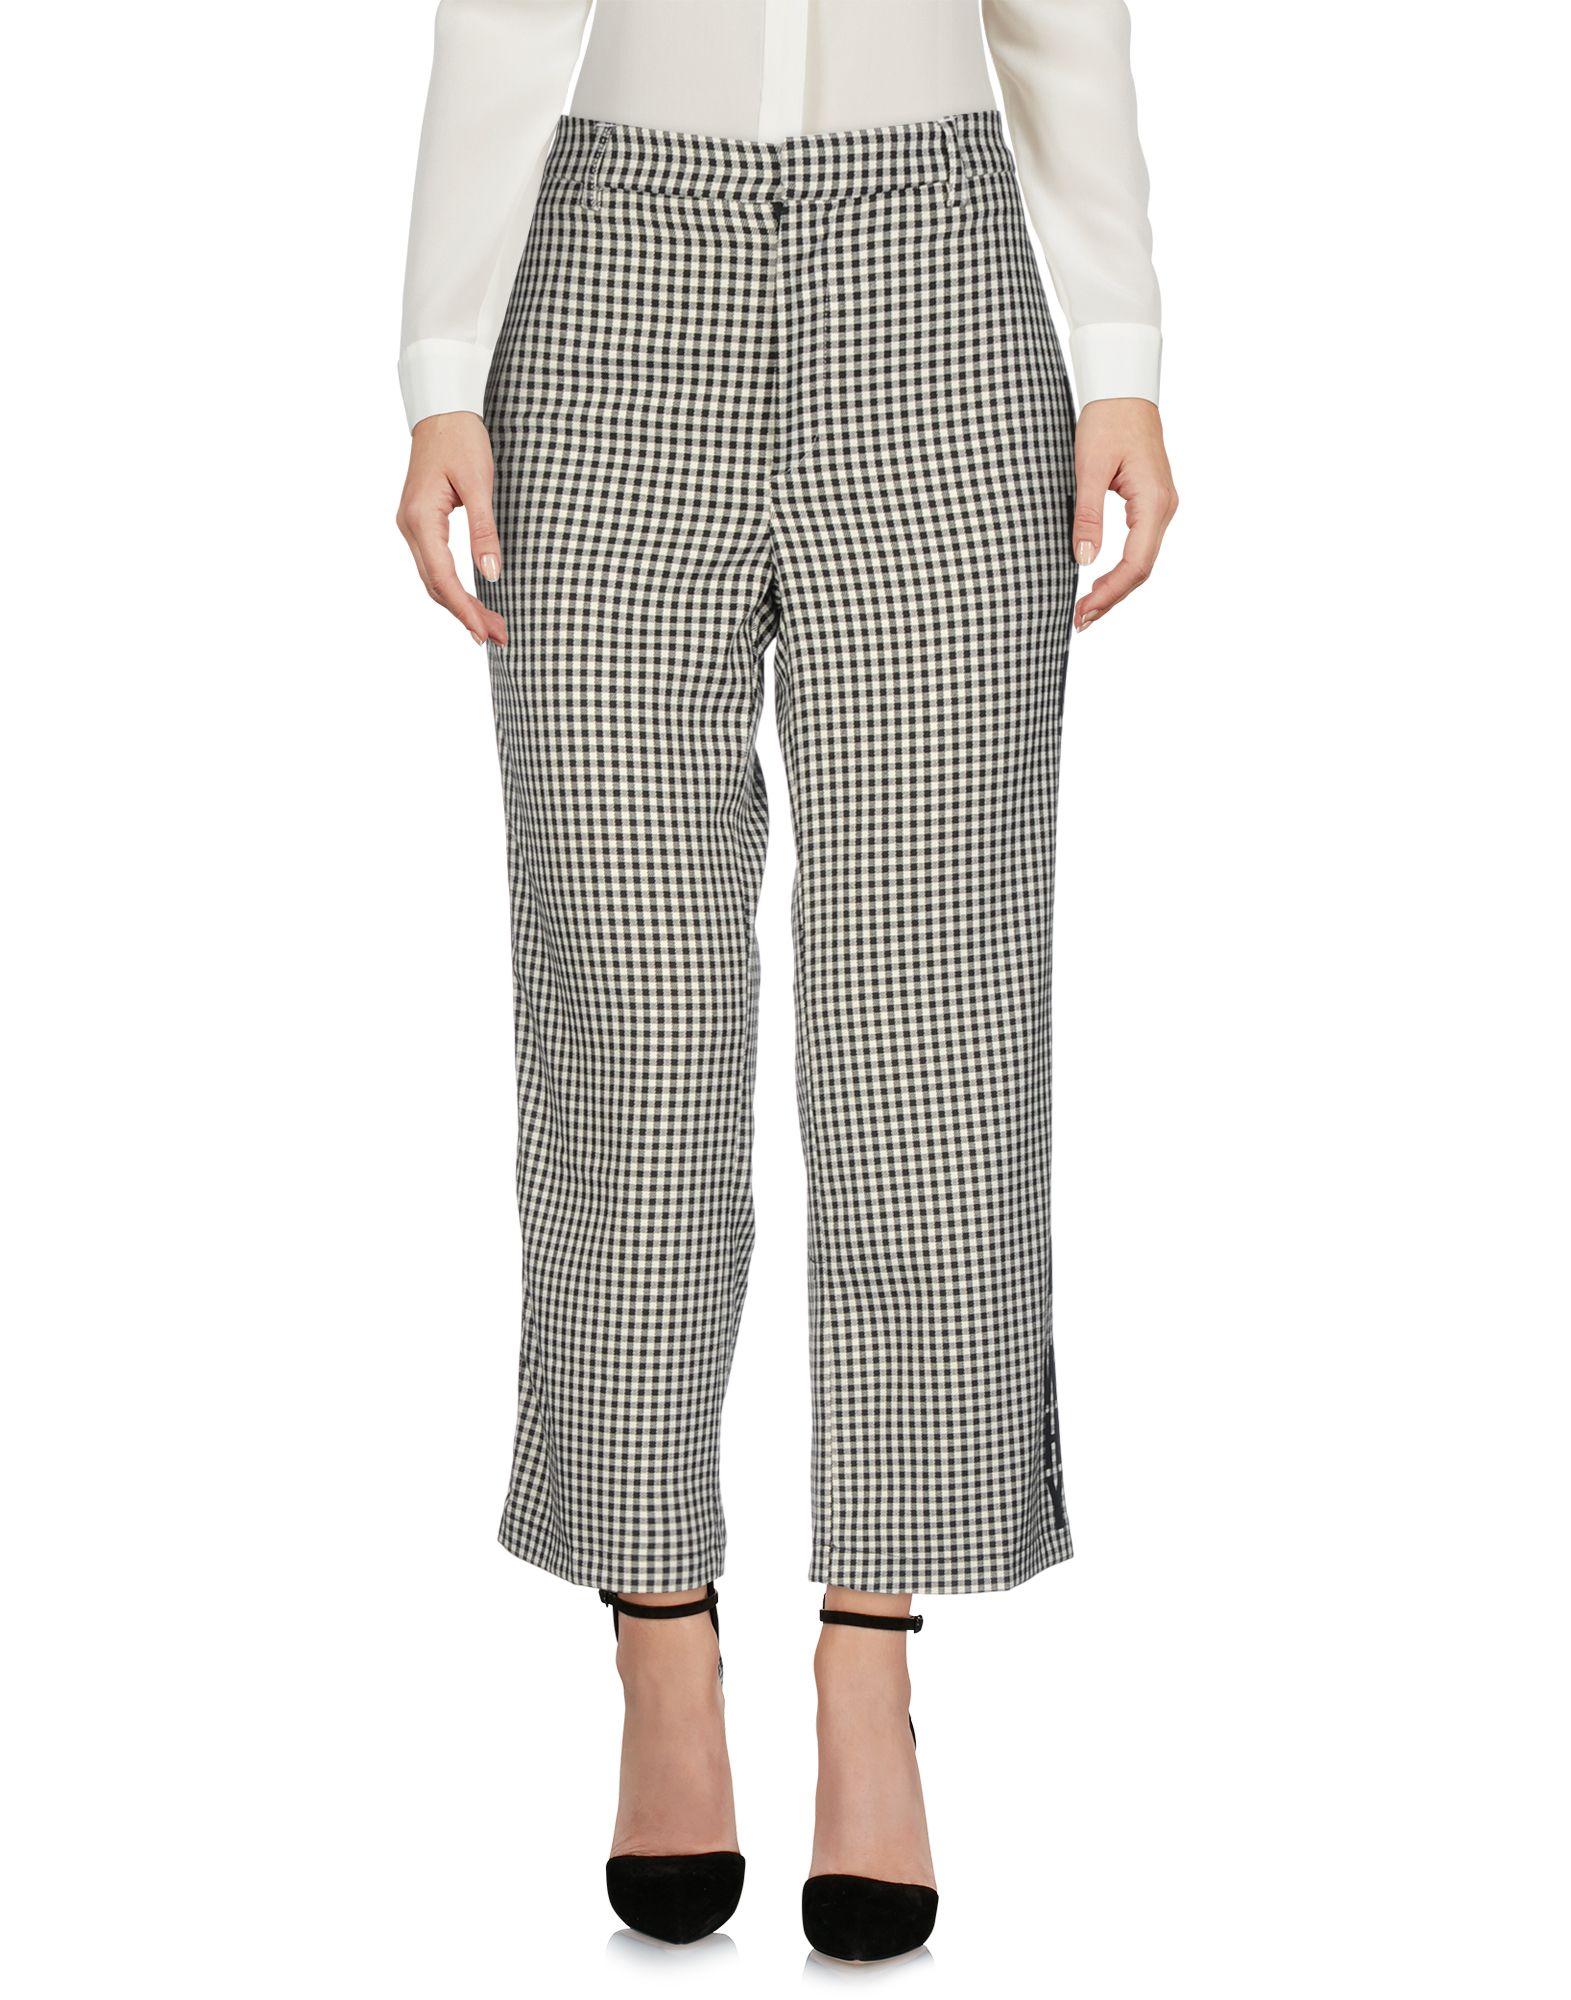 Pantalone Mpd Box Donna - Acquista online su Yvgul